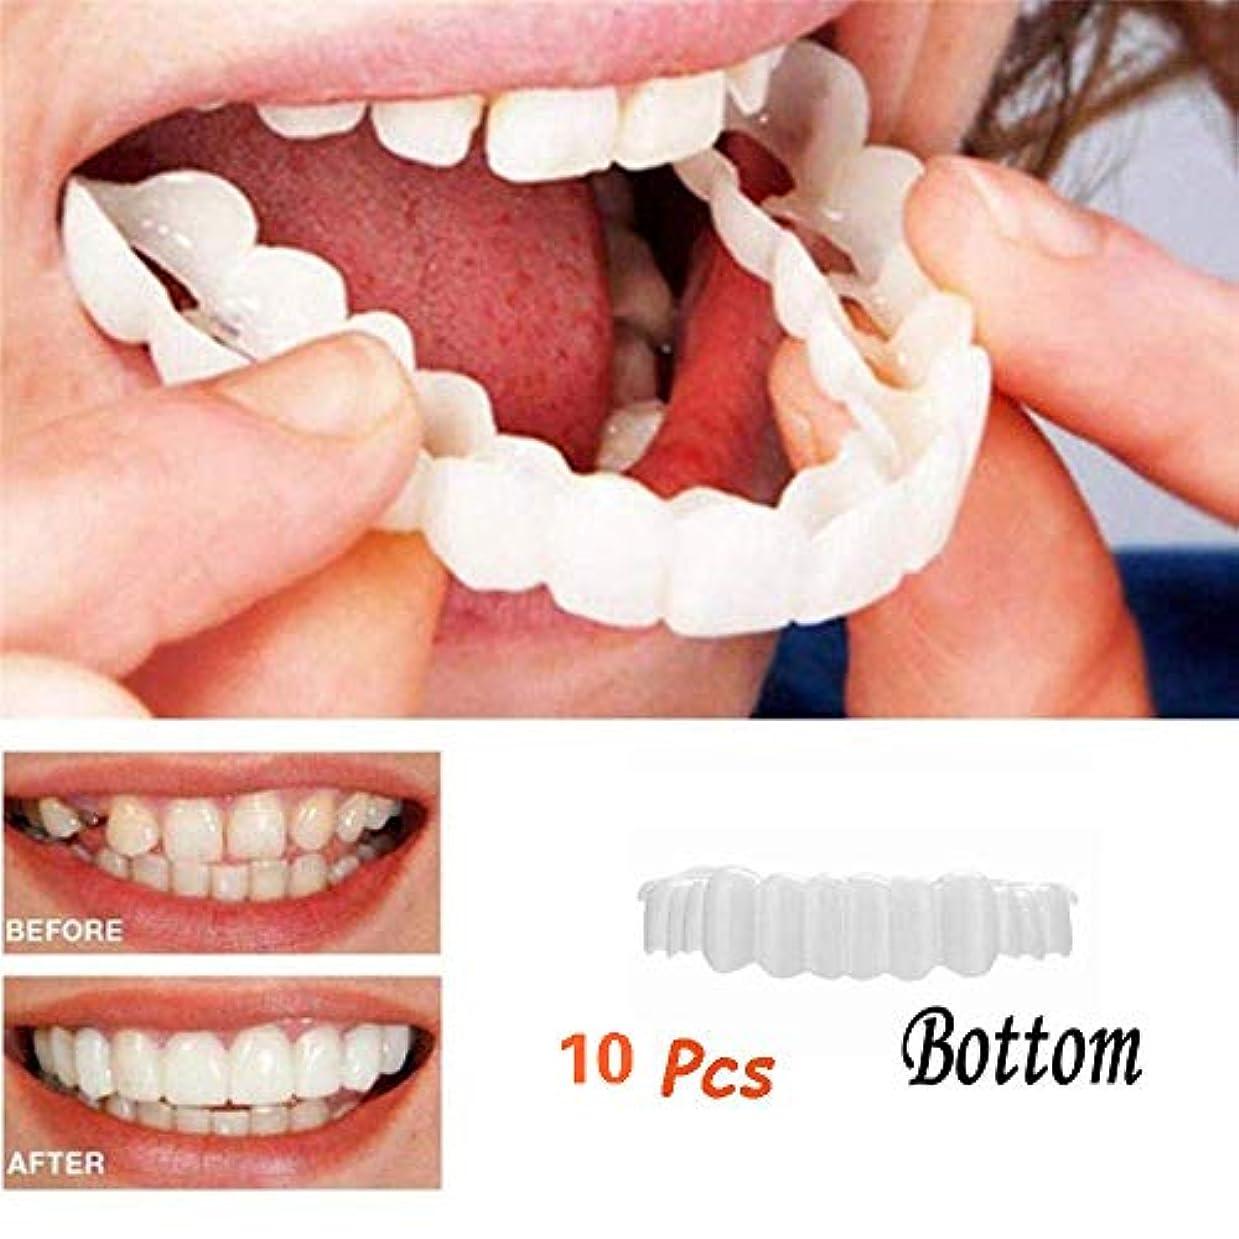 カートリッジ監査習慣10ピース化粧品歯化粧品歯科スナップインスタントパーフェクトスマイルコンフォートフィットフレックス歯白い歯カバーフィットほとんどの偽底歯